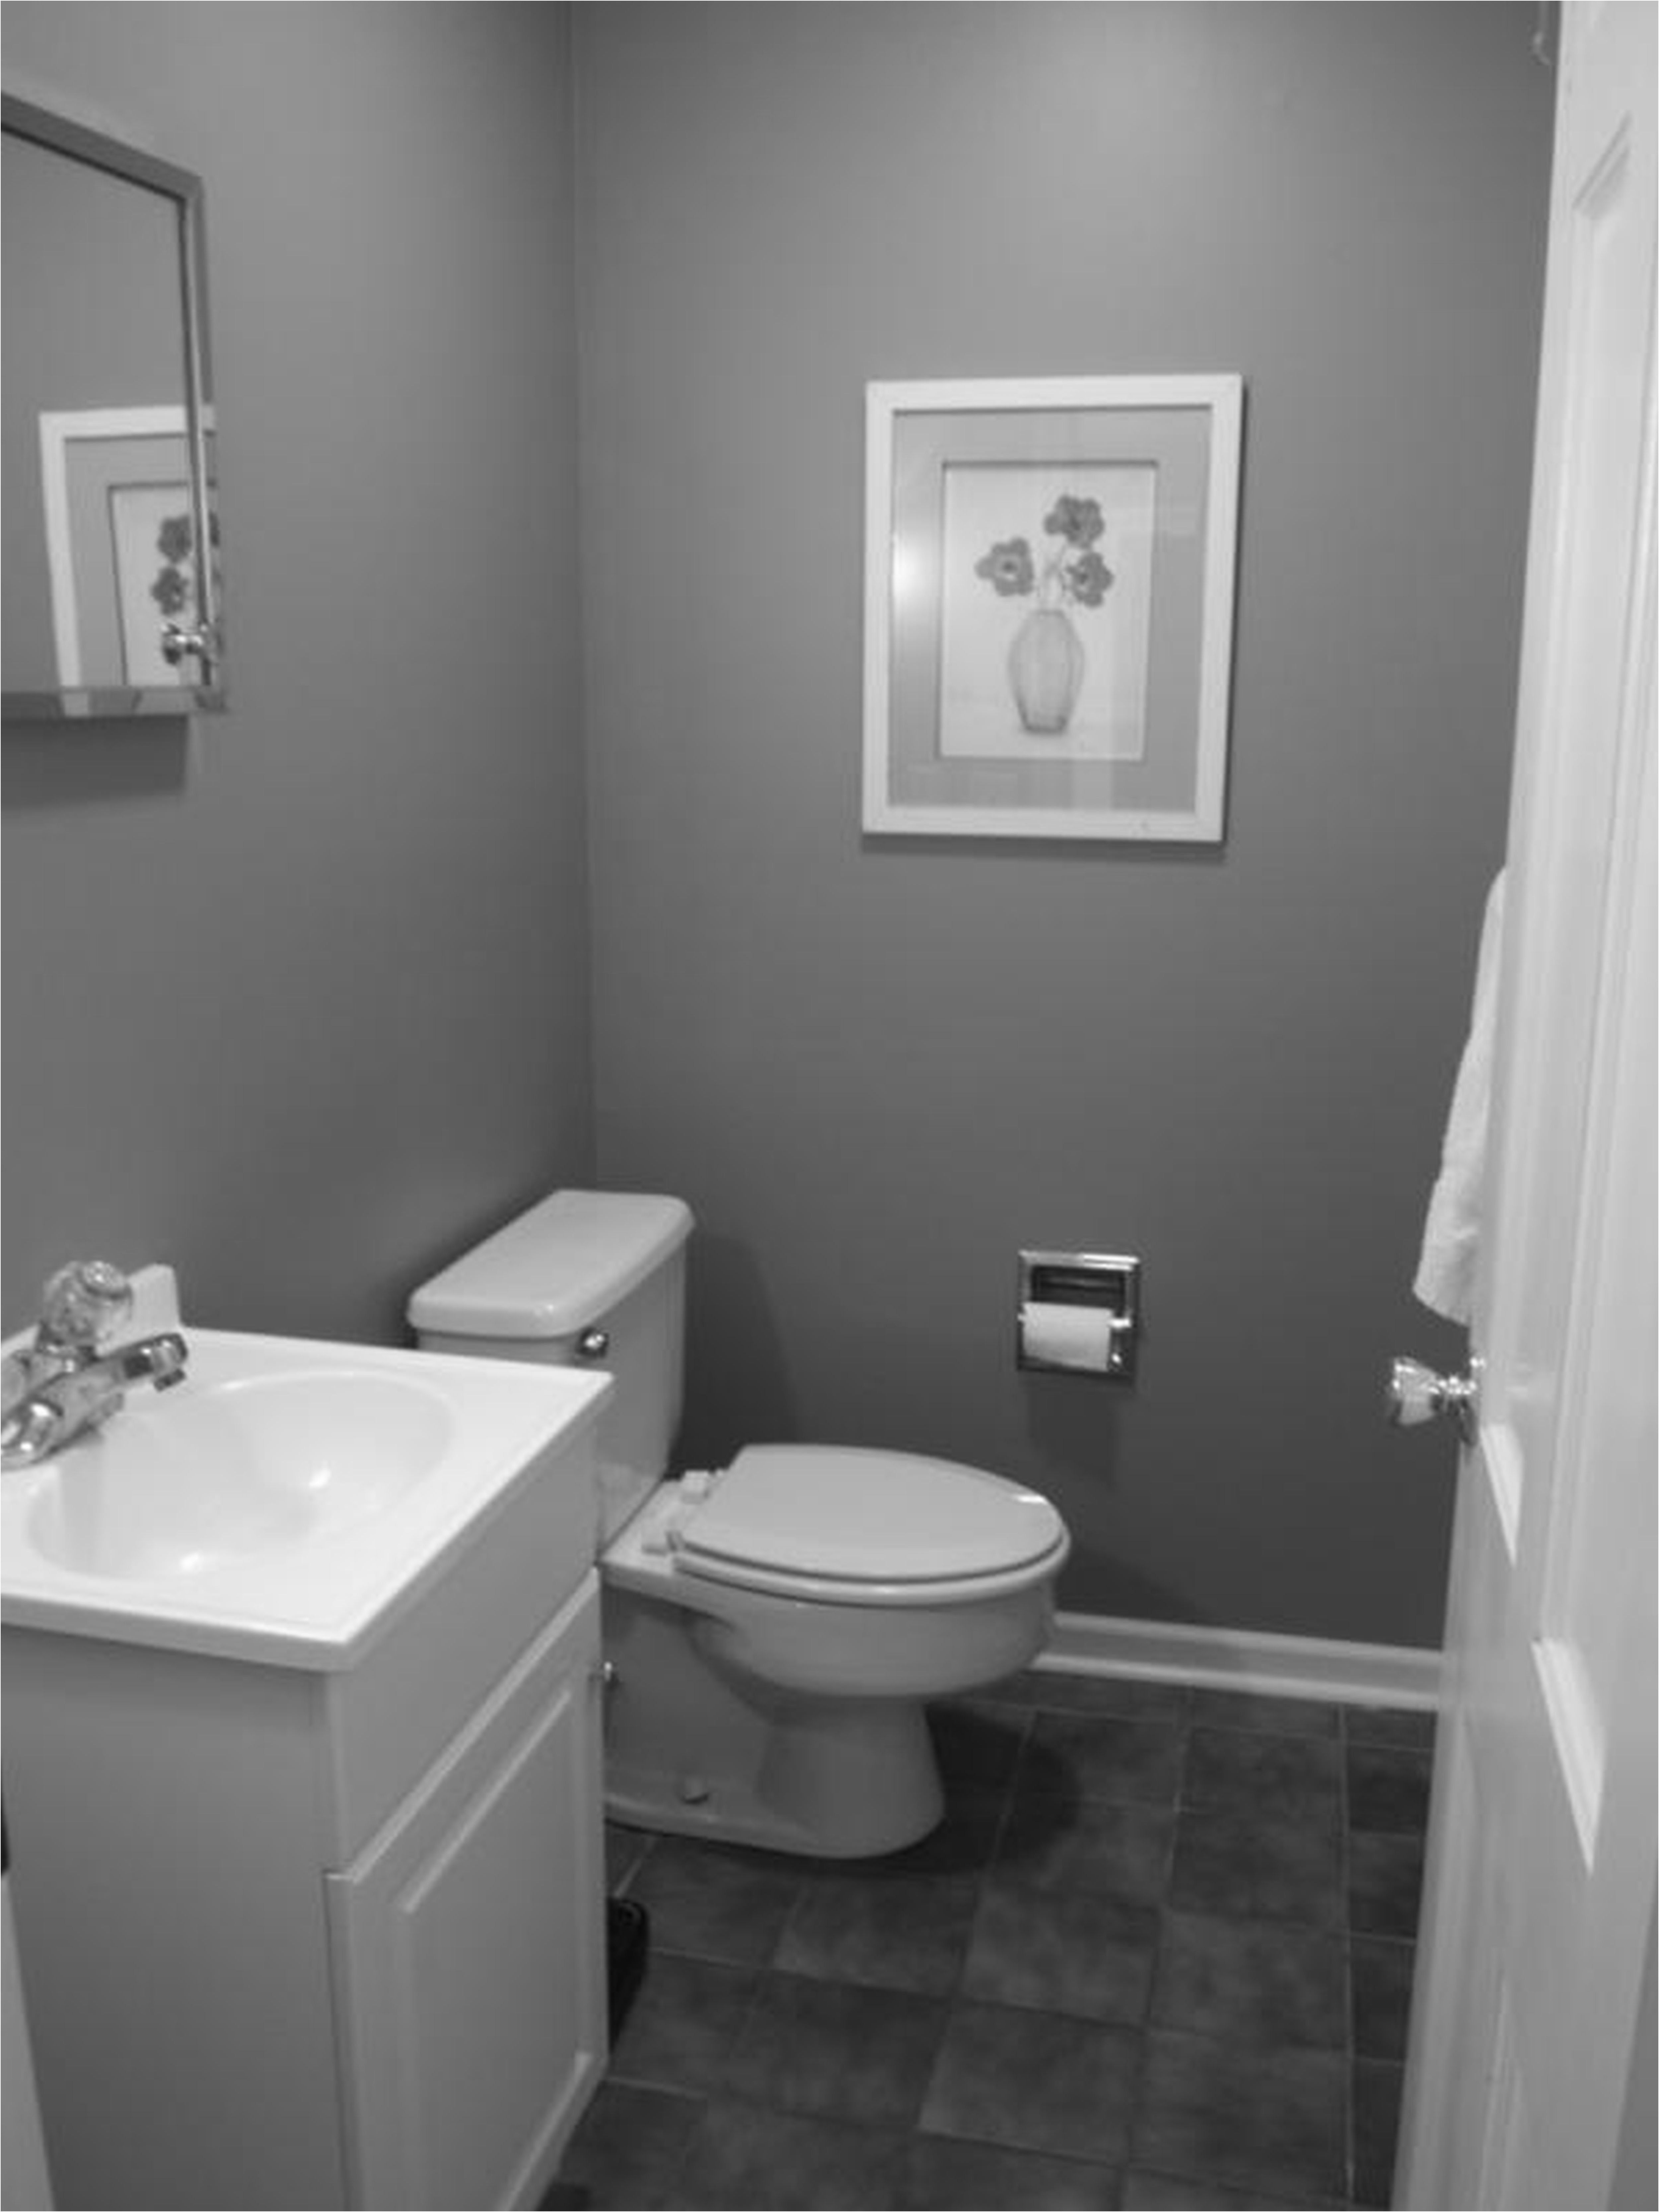 Most Popular Color For Bathroom Walls Good Colors For Bathroom From Best Color Bathroom Rental Bathroom Decorating Bathroom Wall Colors Small Bathroom Colors